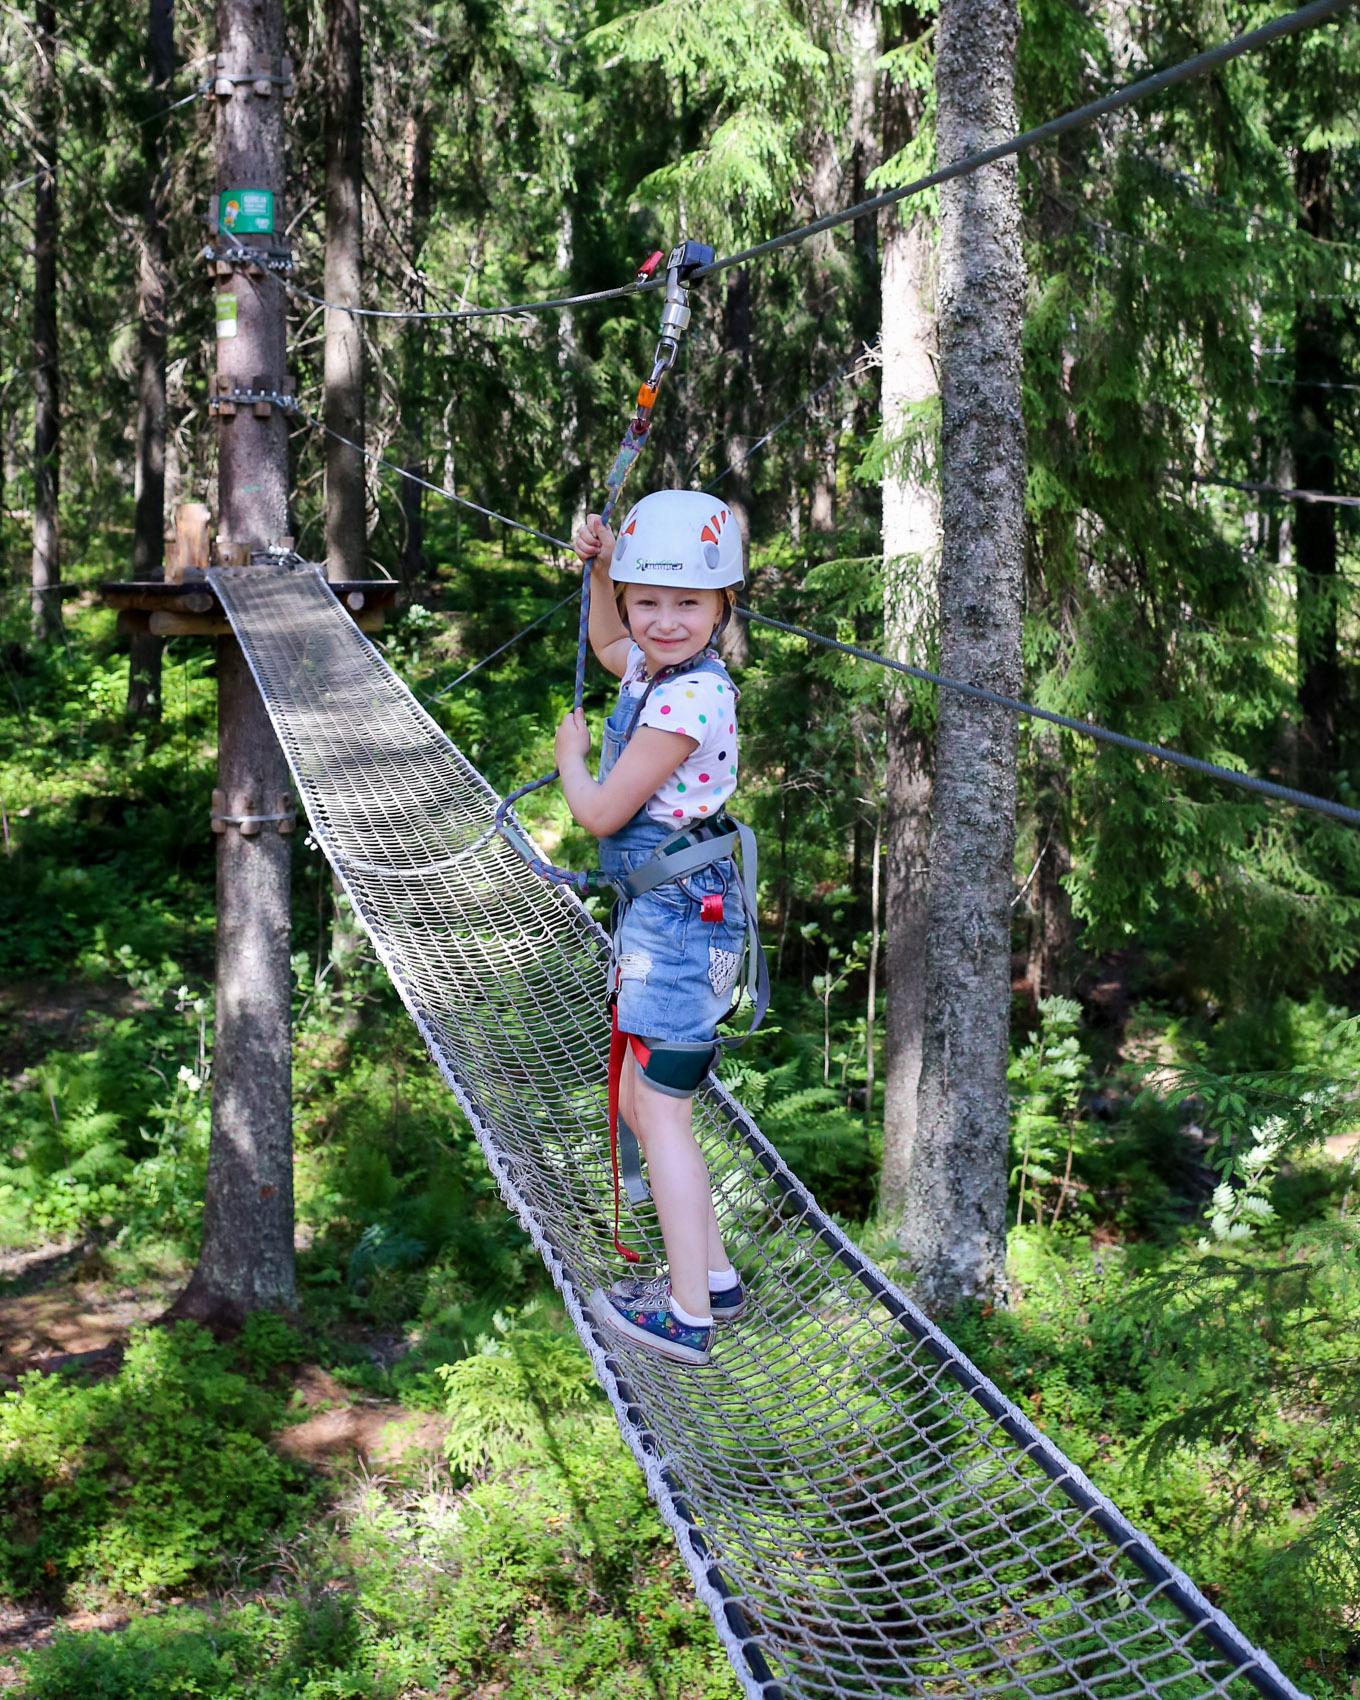 Seikkailupuisto Laajavuori Jyväskylä-3.jpg